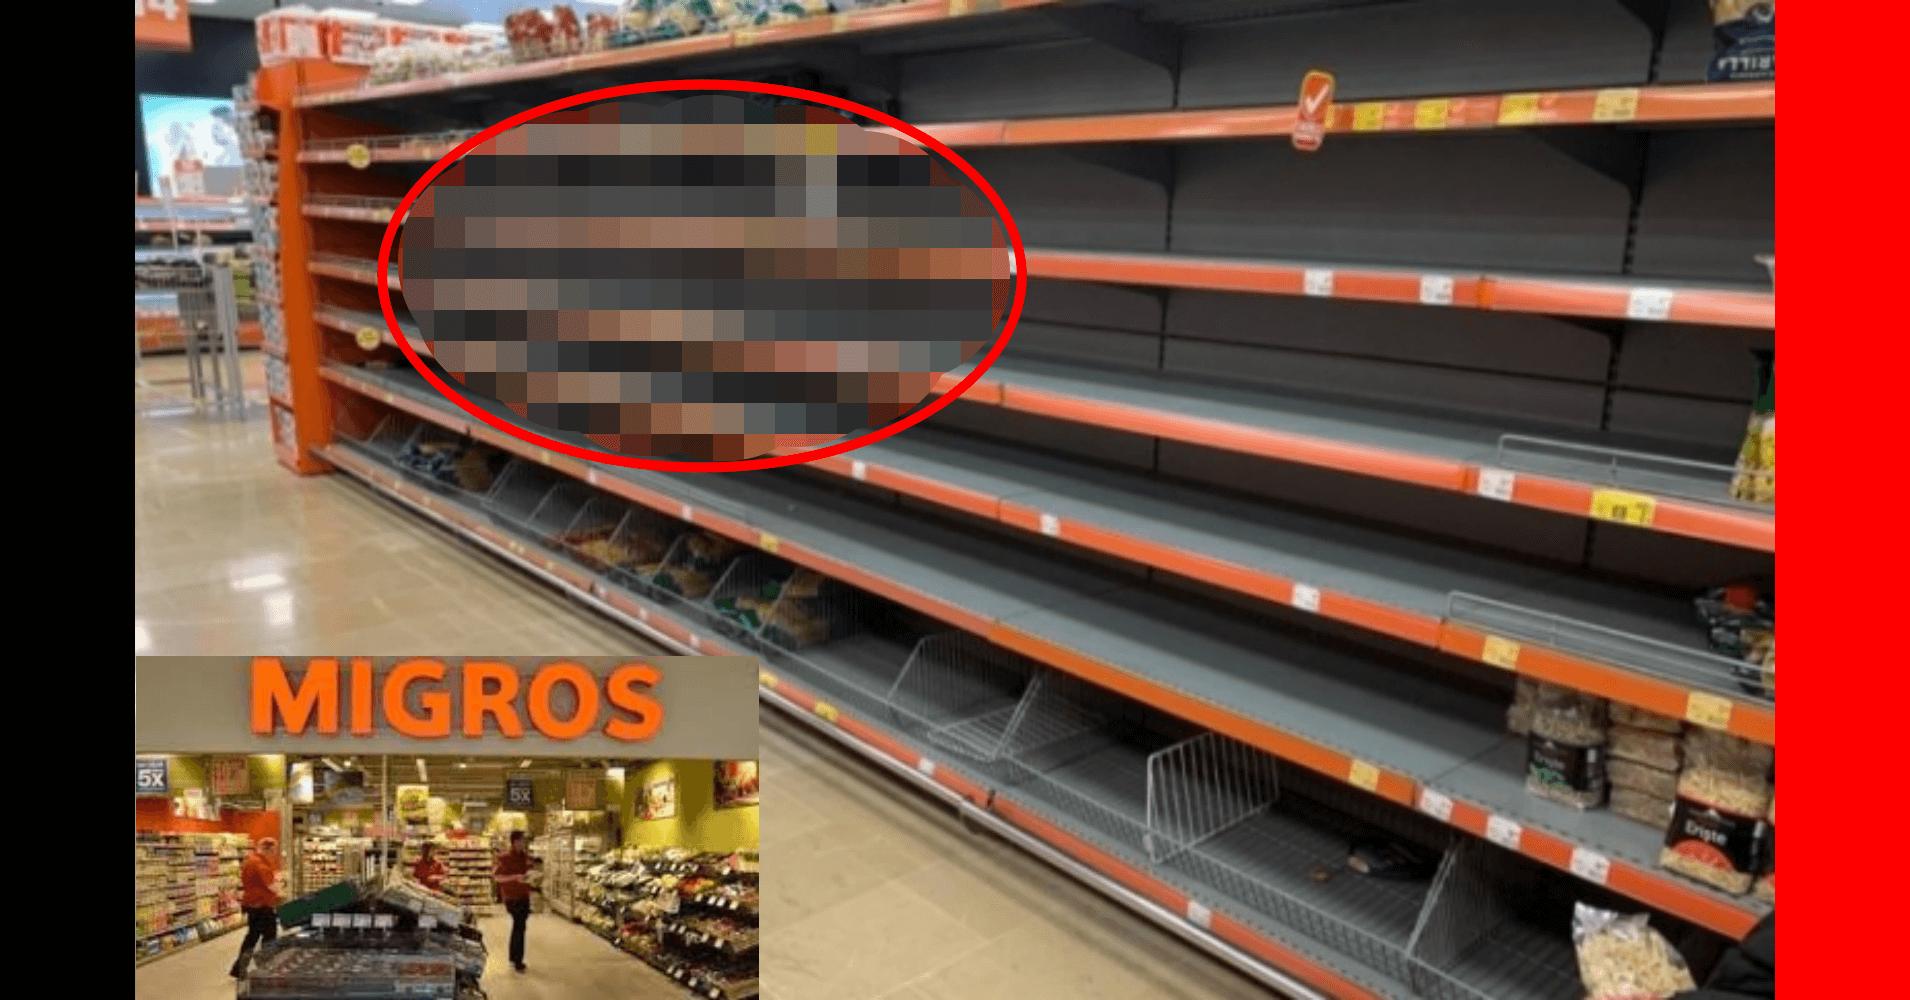 Türkiye'de Koronavirüs çıkmasının ardından Migros'un hali görenleri şaşırttı